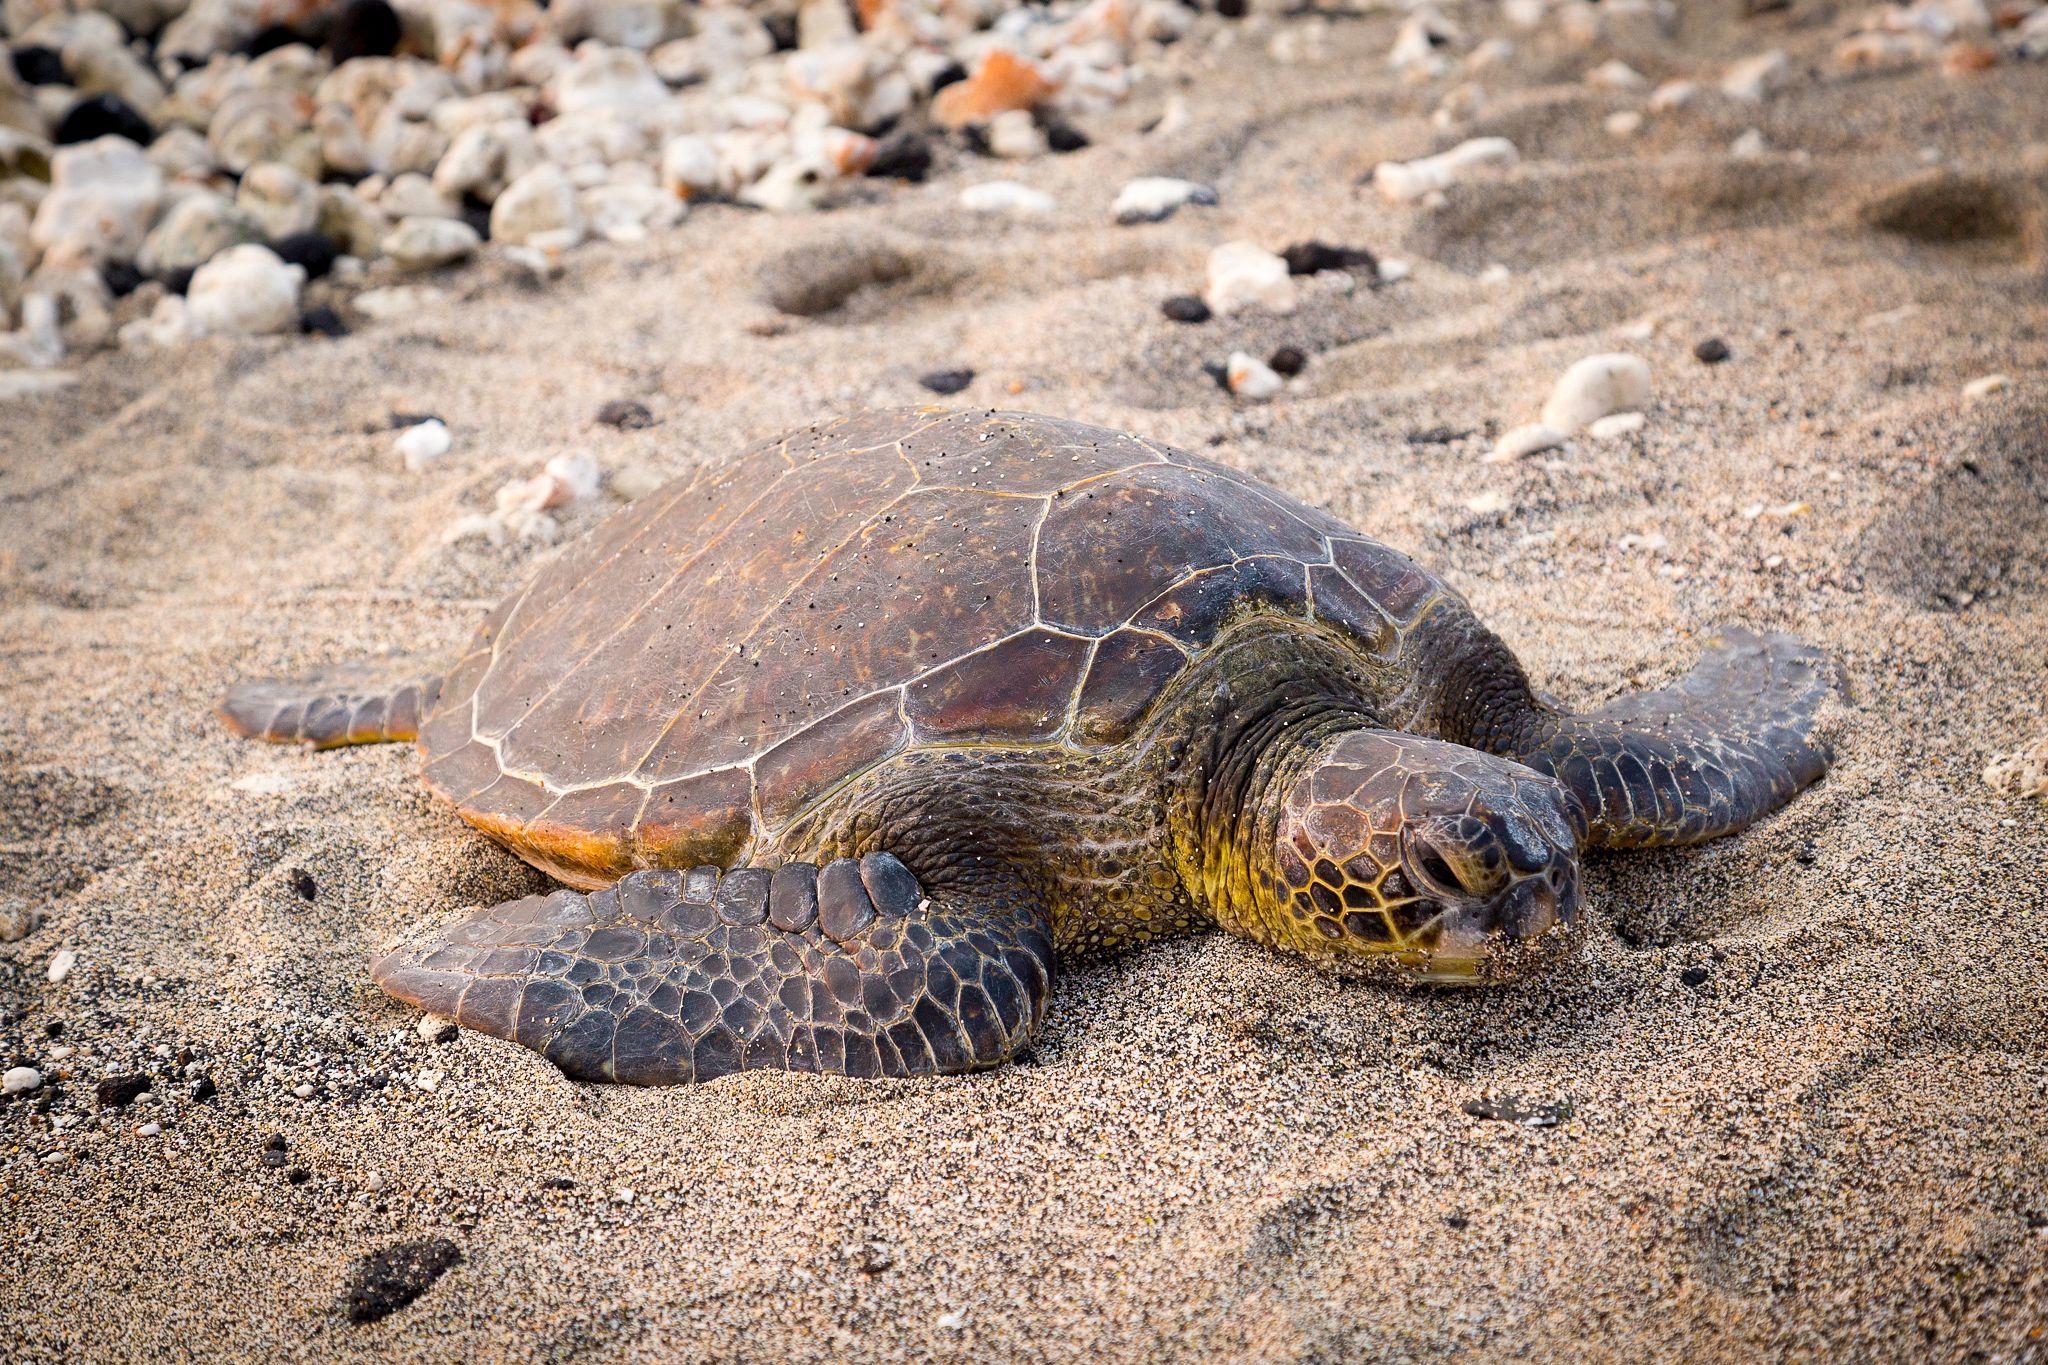 Turtle on sand.